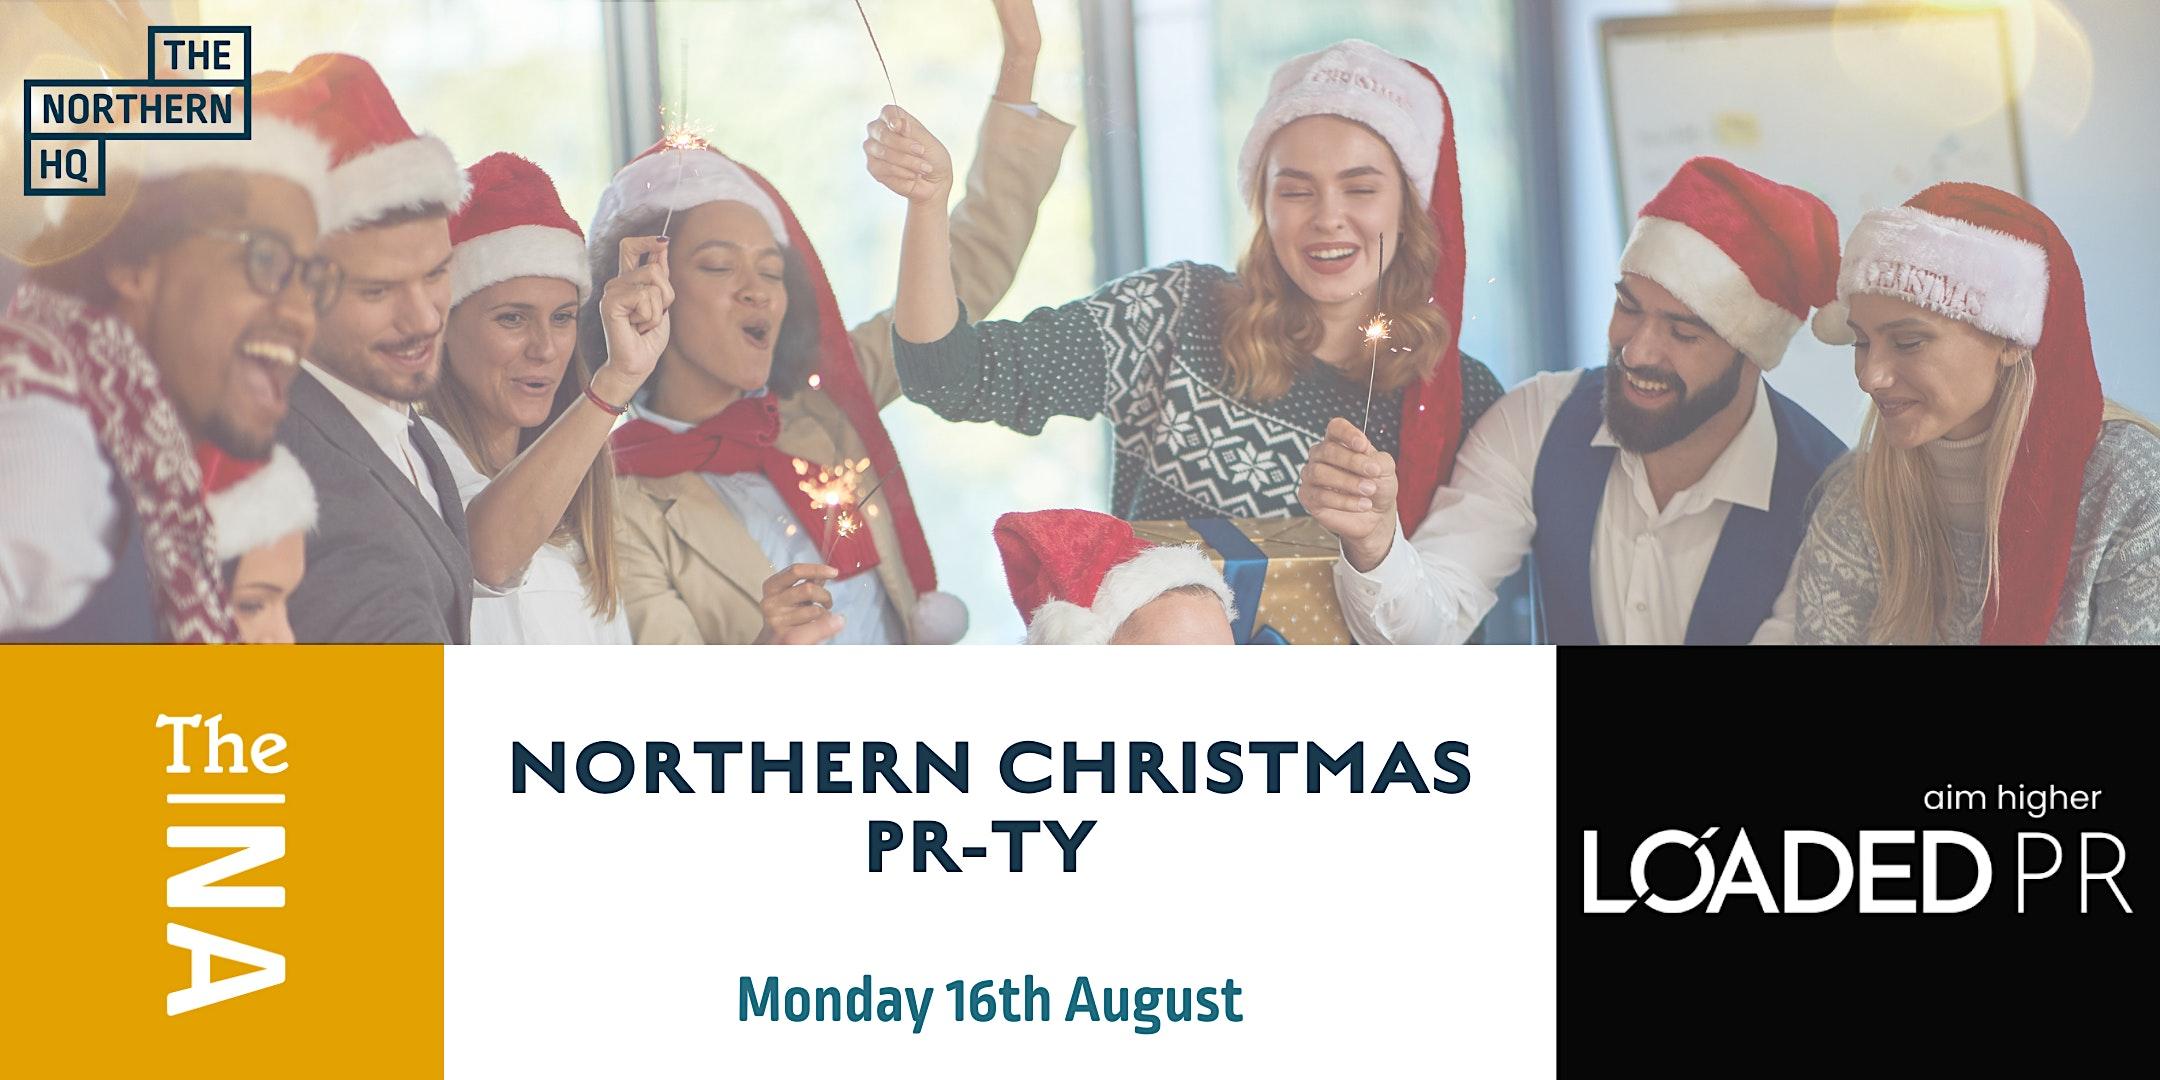 Northern Christmas PR-TY